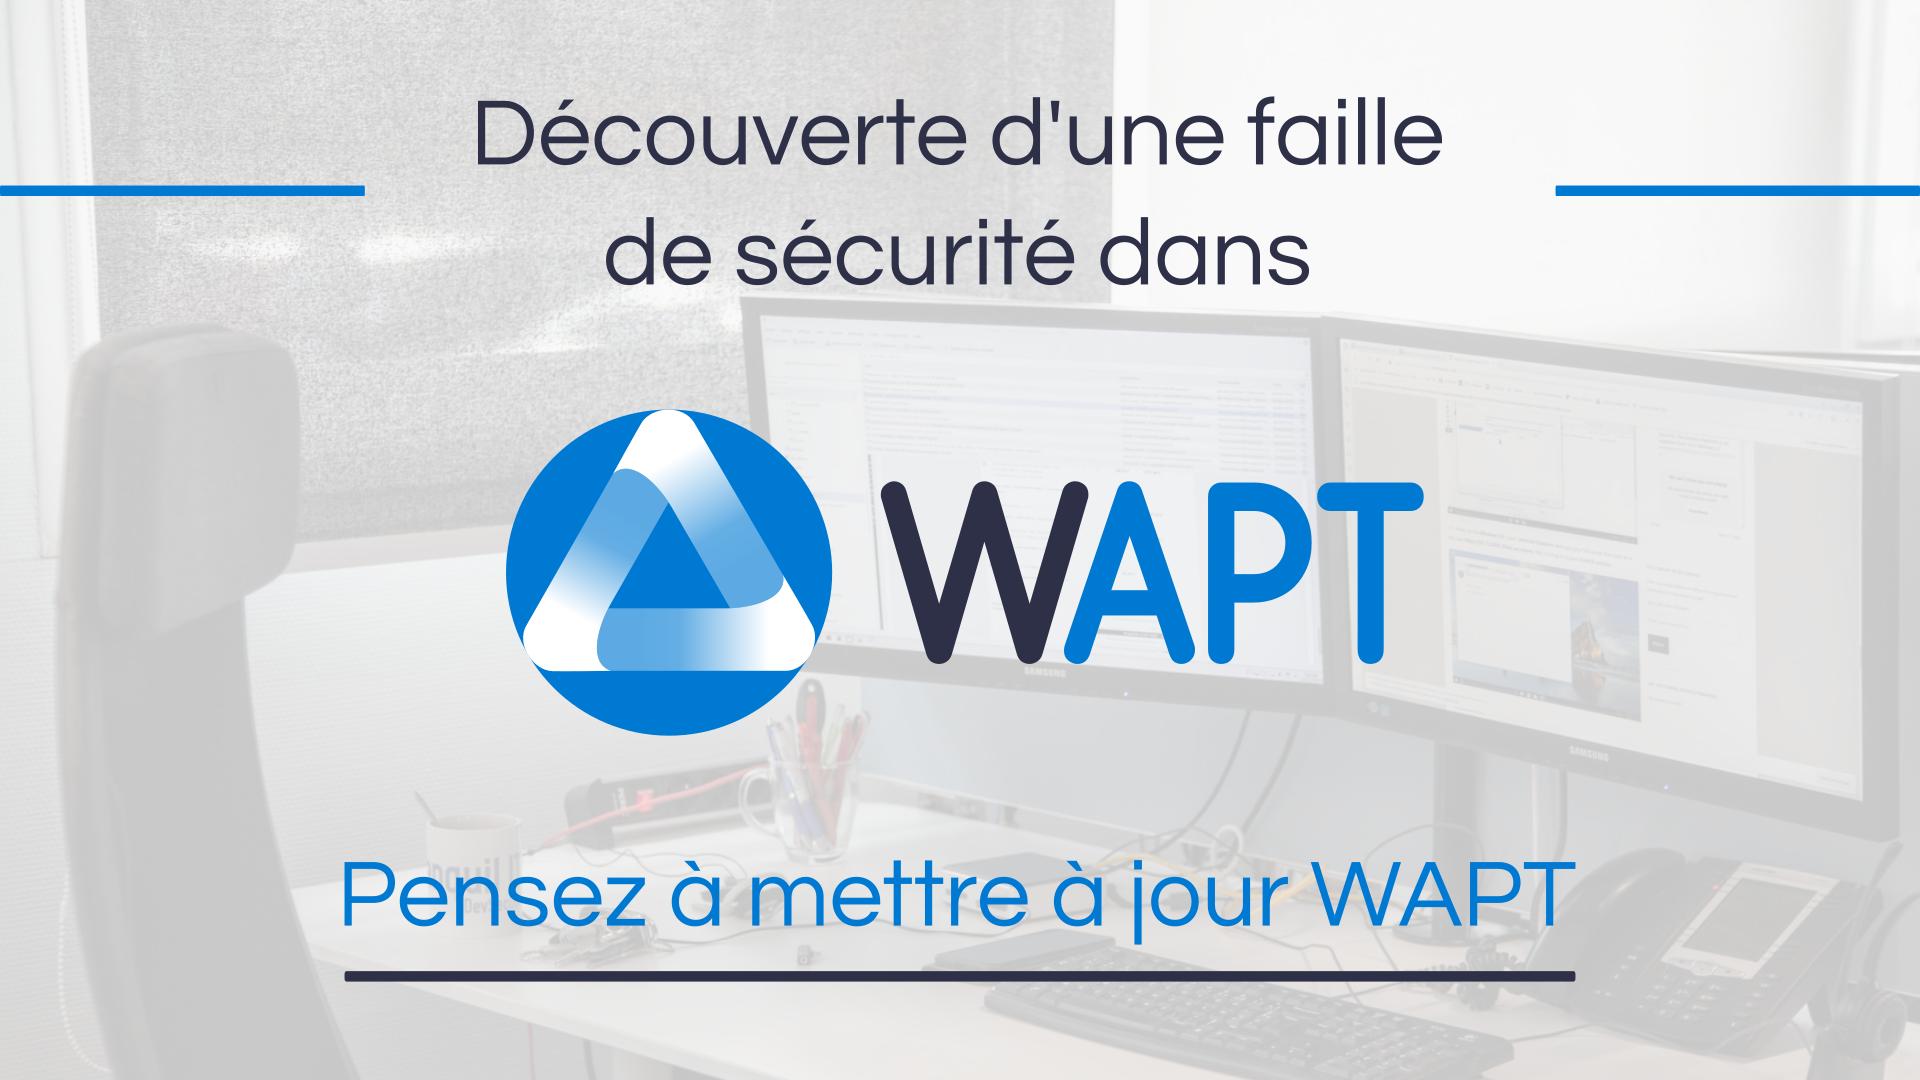 WAPT : Découverte d'une faille de sécurité